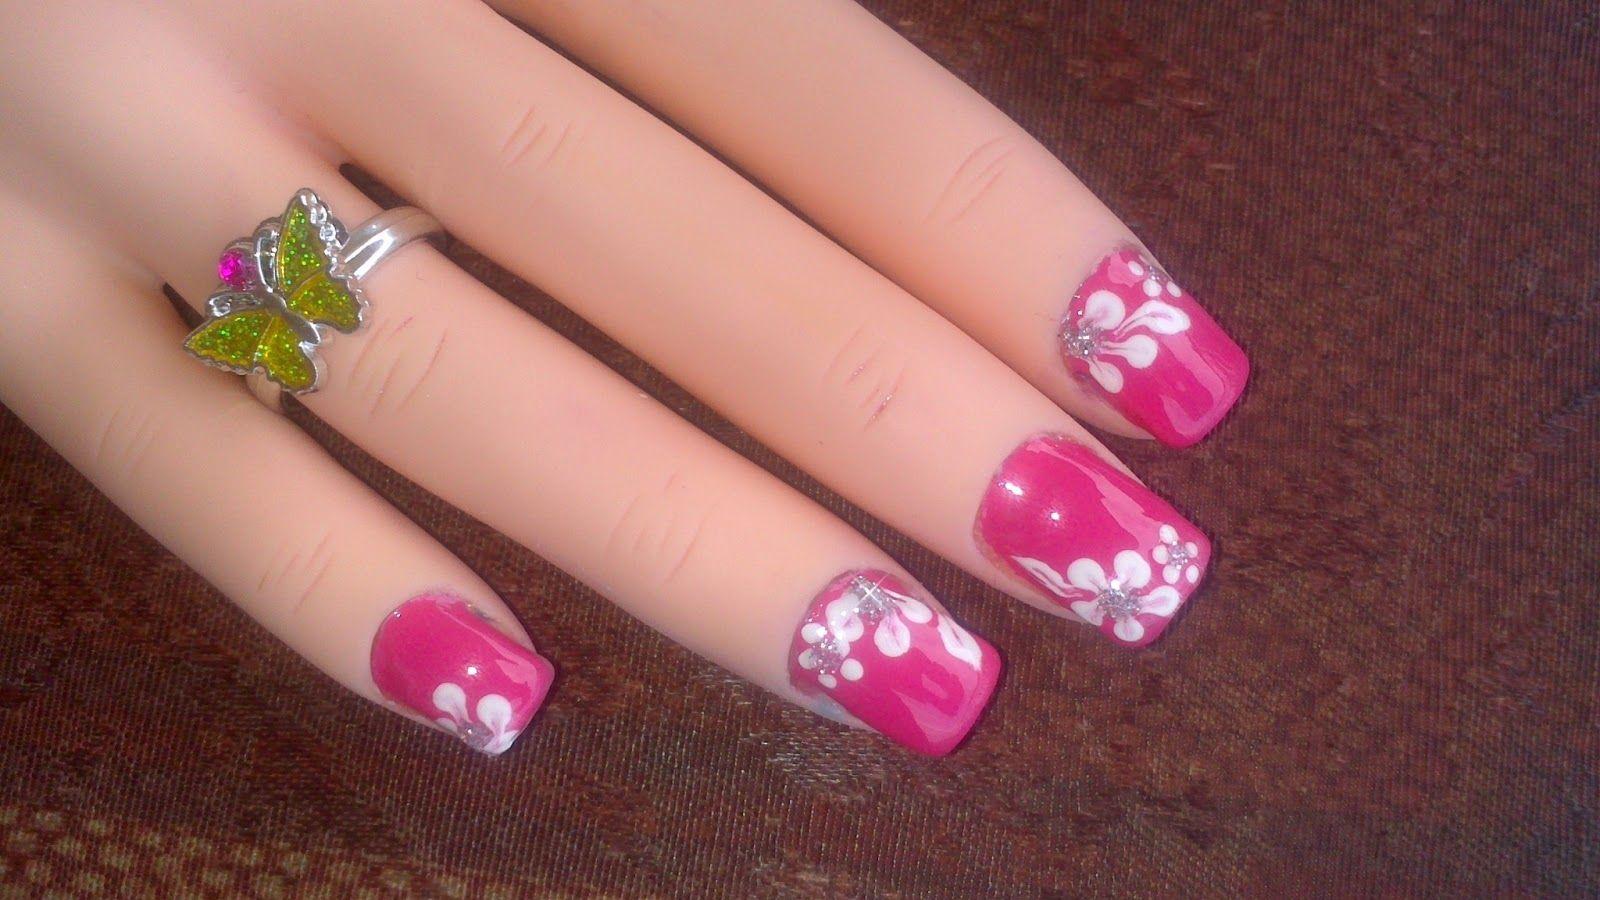 Lnetsa S Nailart Toe Nail Design Short Nails Version Pink With